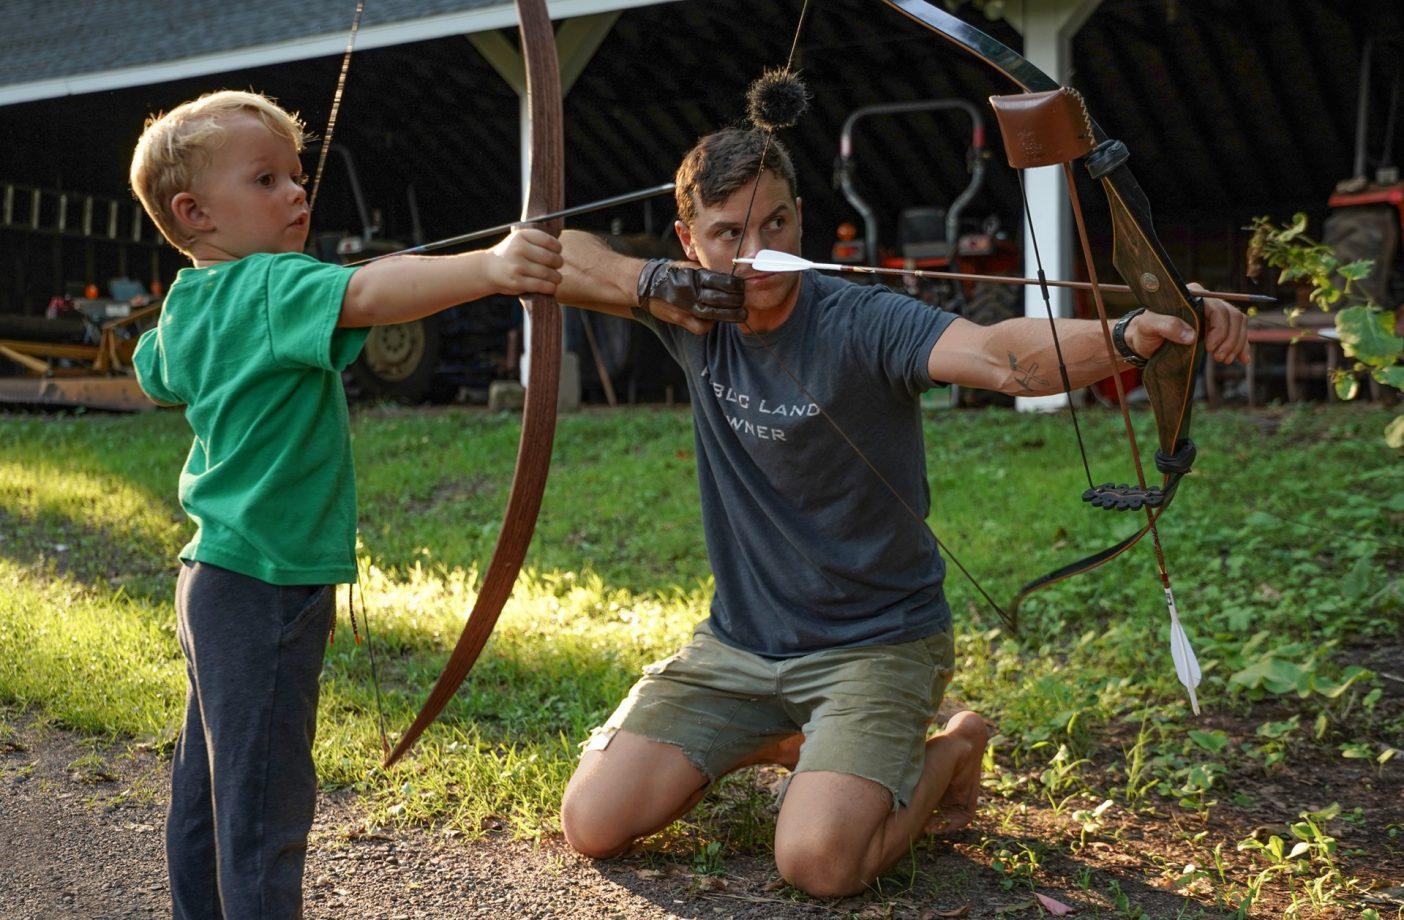 この父にして、この子あり。家族の農園で平和を乱す5歳の息子カールを手伝う、現在36歳のアンディ。カールははじめてもらった弓を最近卒業し、2番目の弓を使うまでに成長。どちらの弓も父アンディの手作りである。コネチカット州ニューウィントンPhoto : JimBillipp